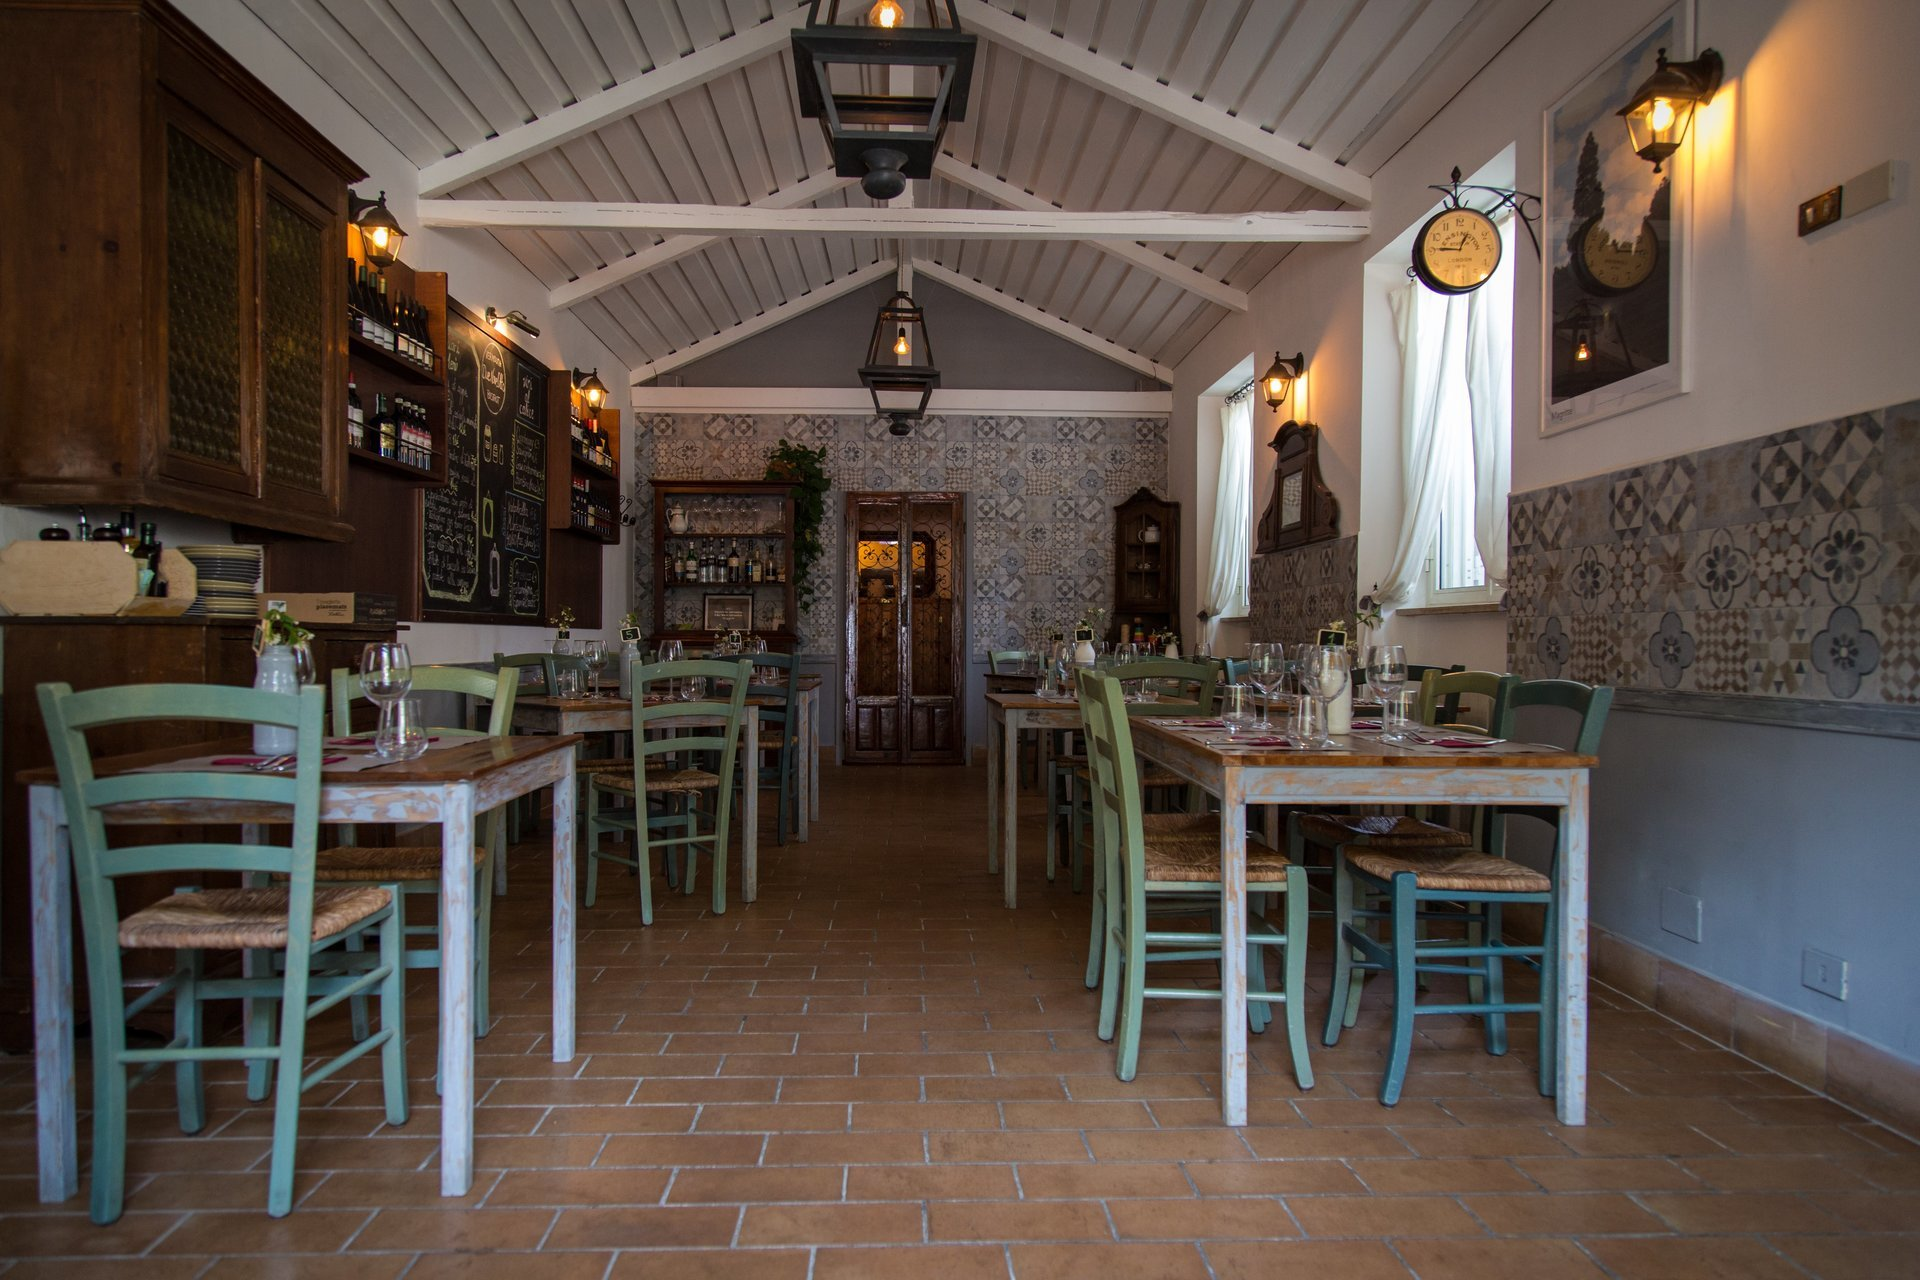 tavoli all'interno del ristorante